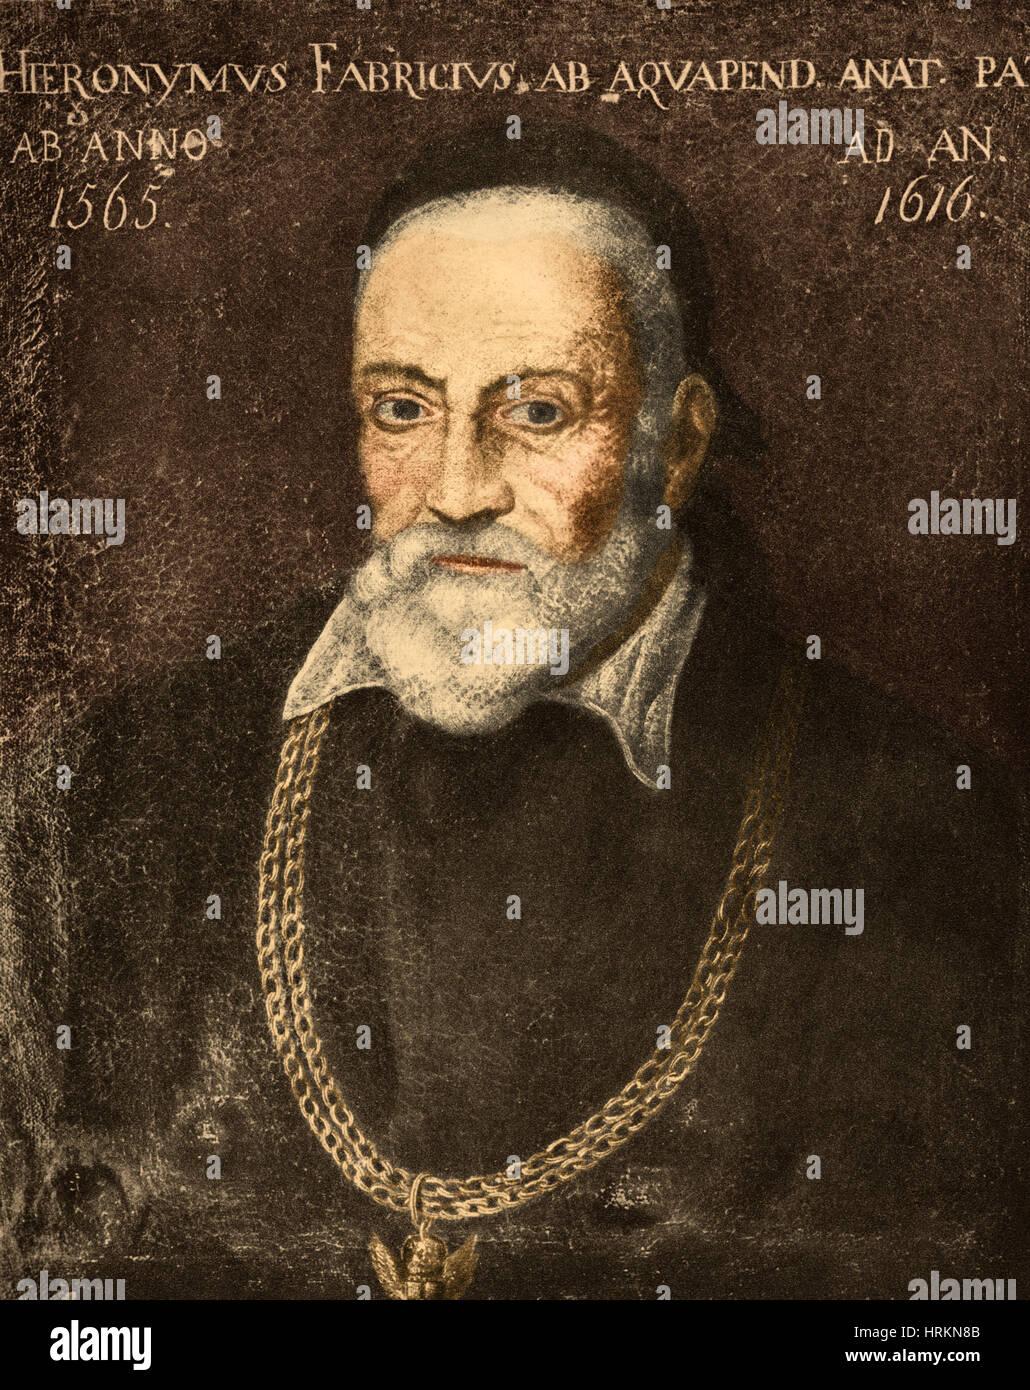 Hieronymus Fabricius, anatomiste Italien Photo Stock